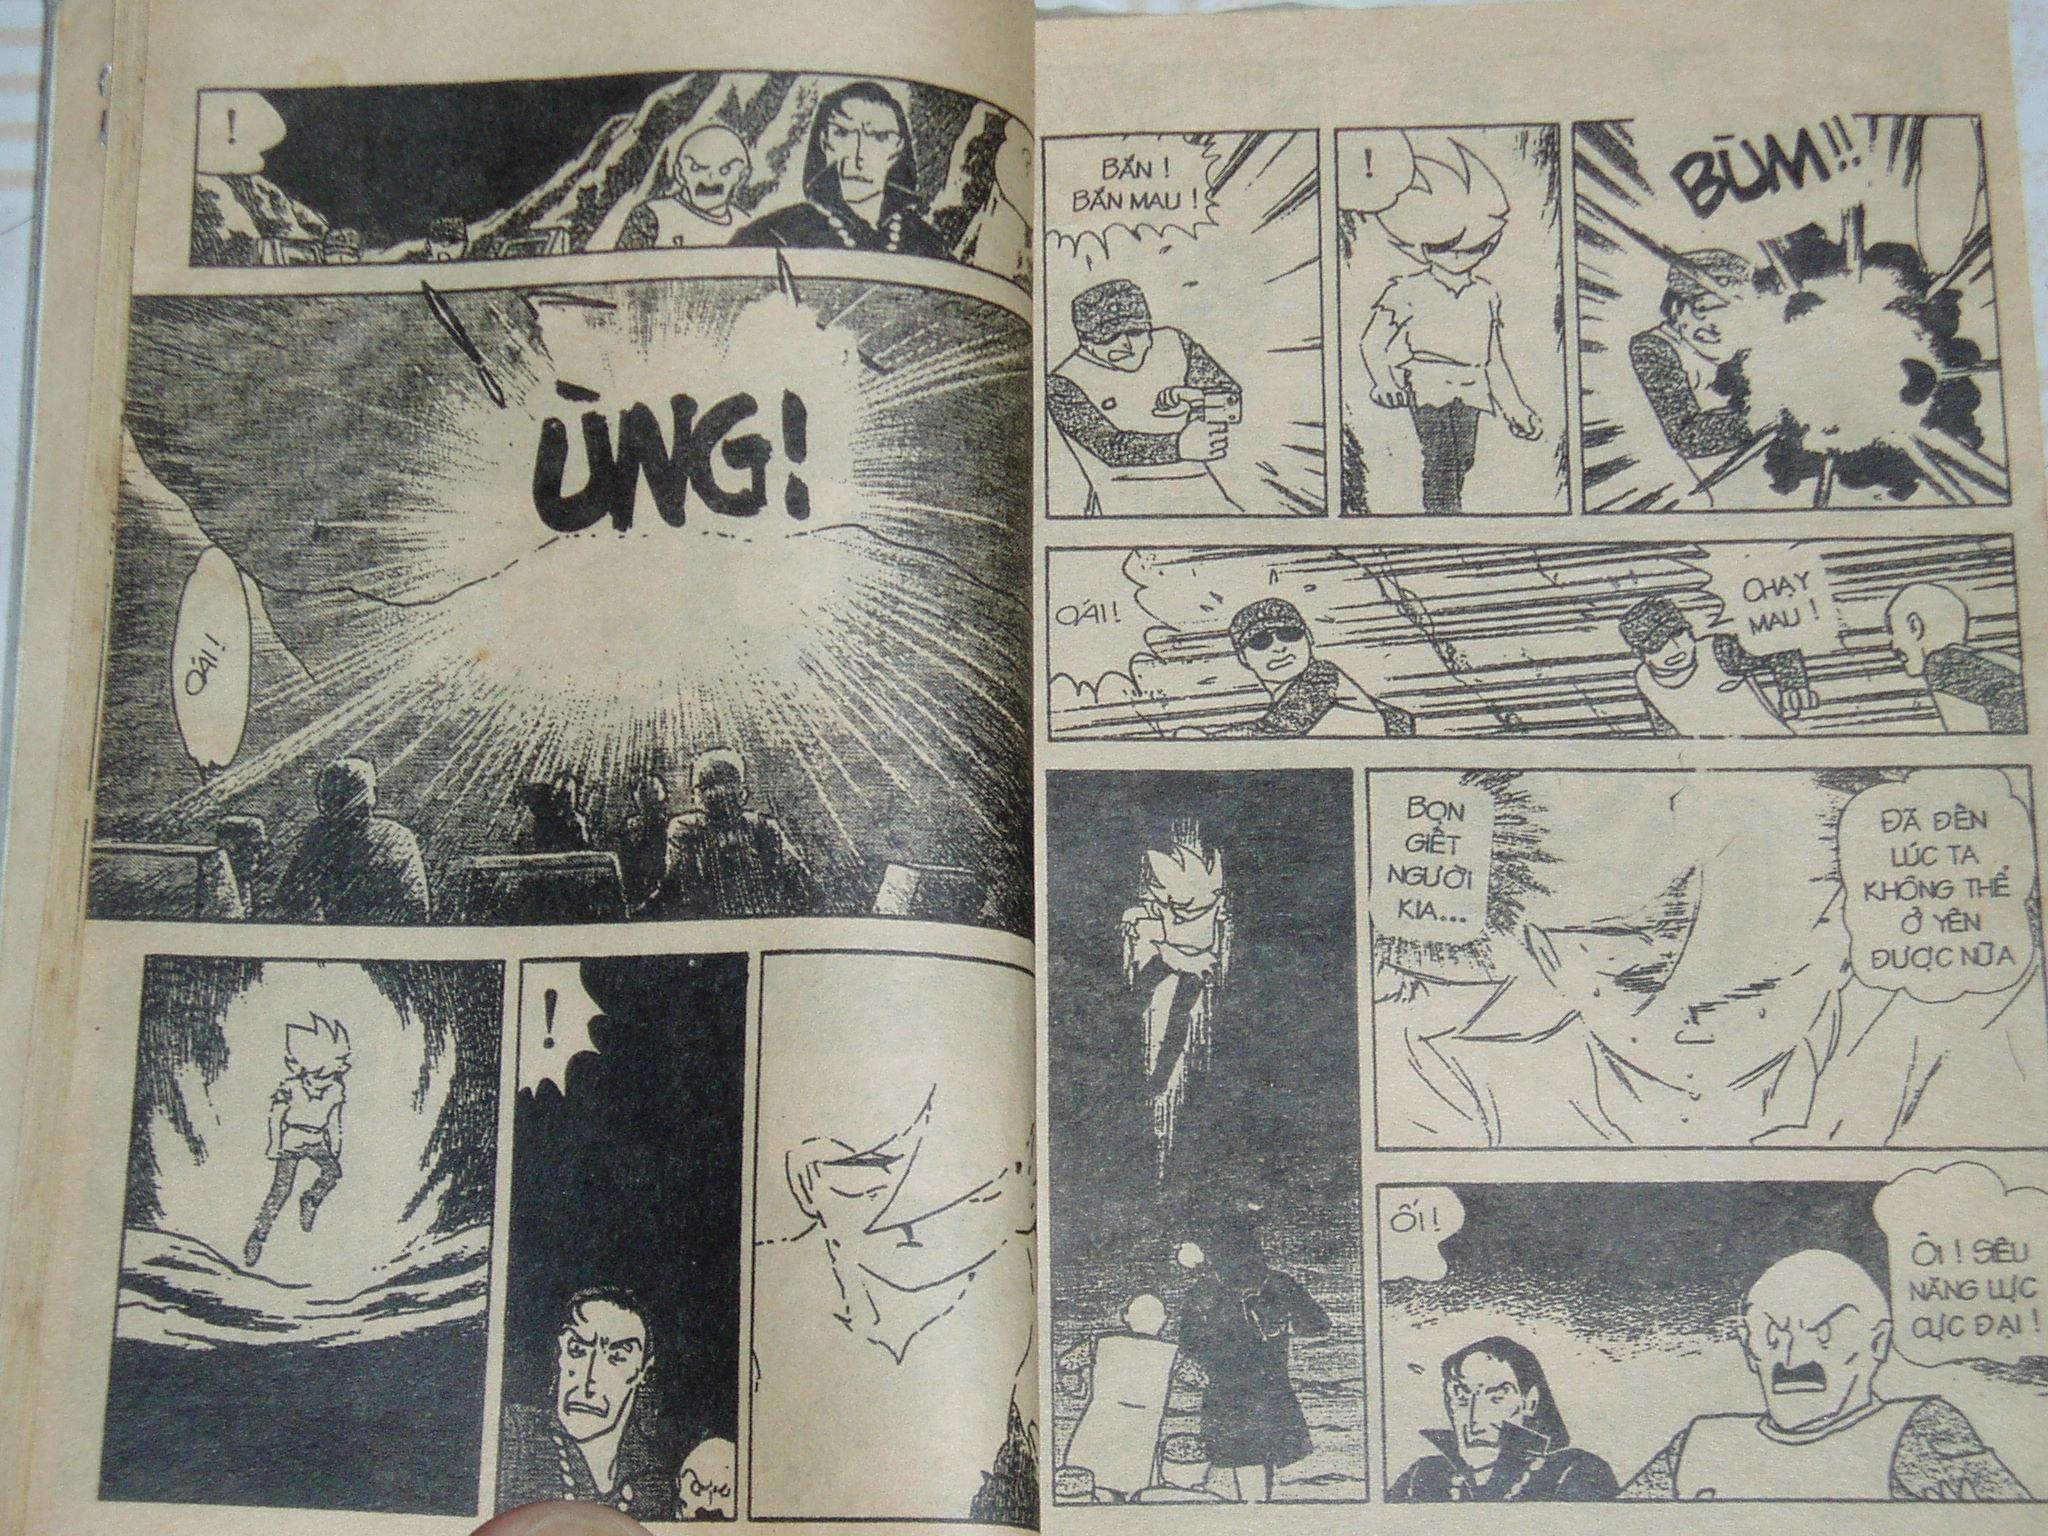 Siêu nhân Locke vol 18 trang 13